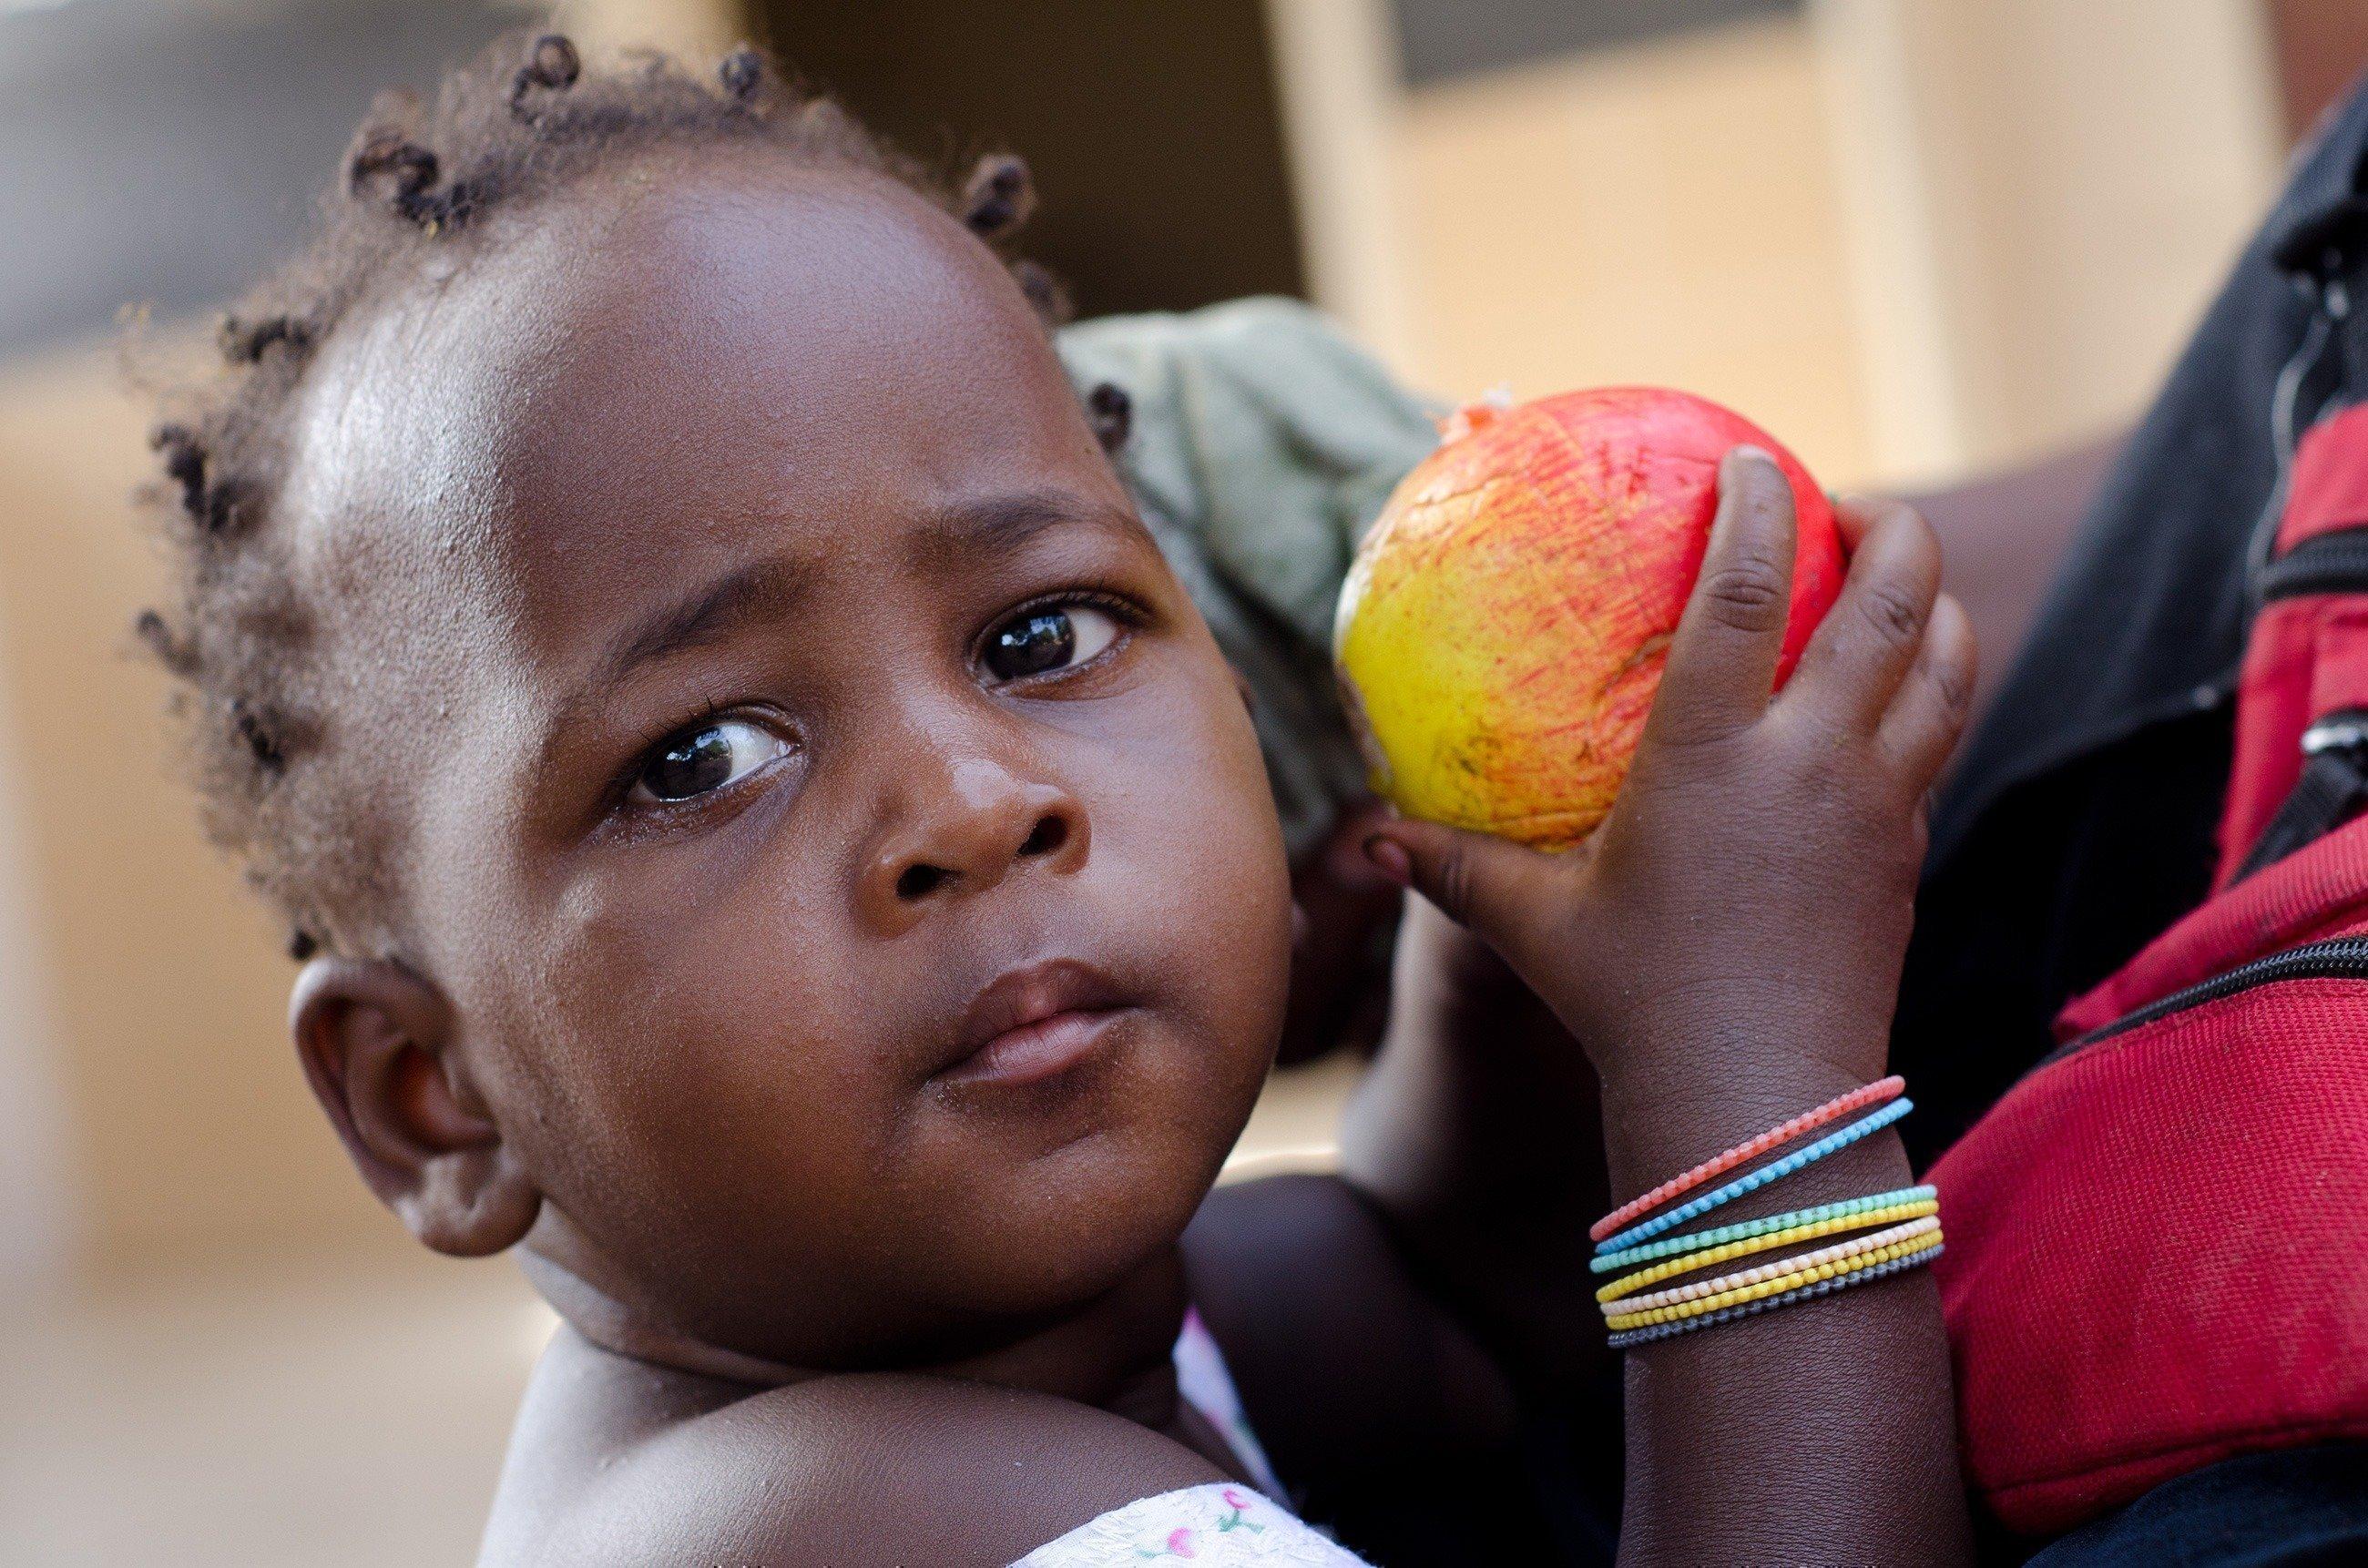 Kleines Mädchen mit einem Apfel in der Hand.